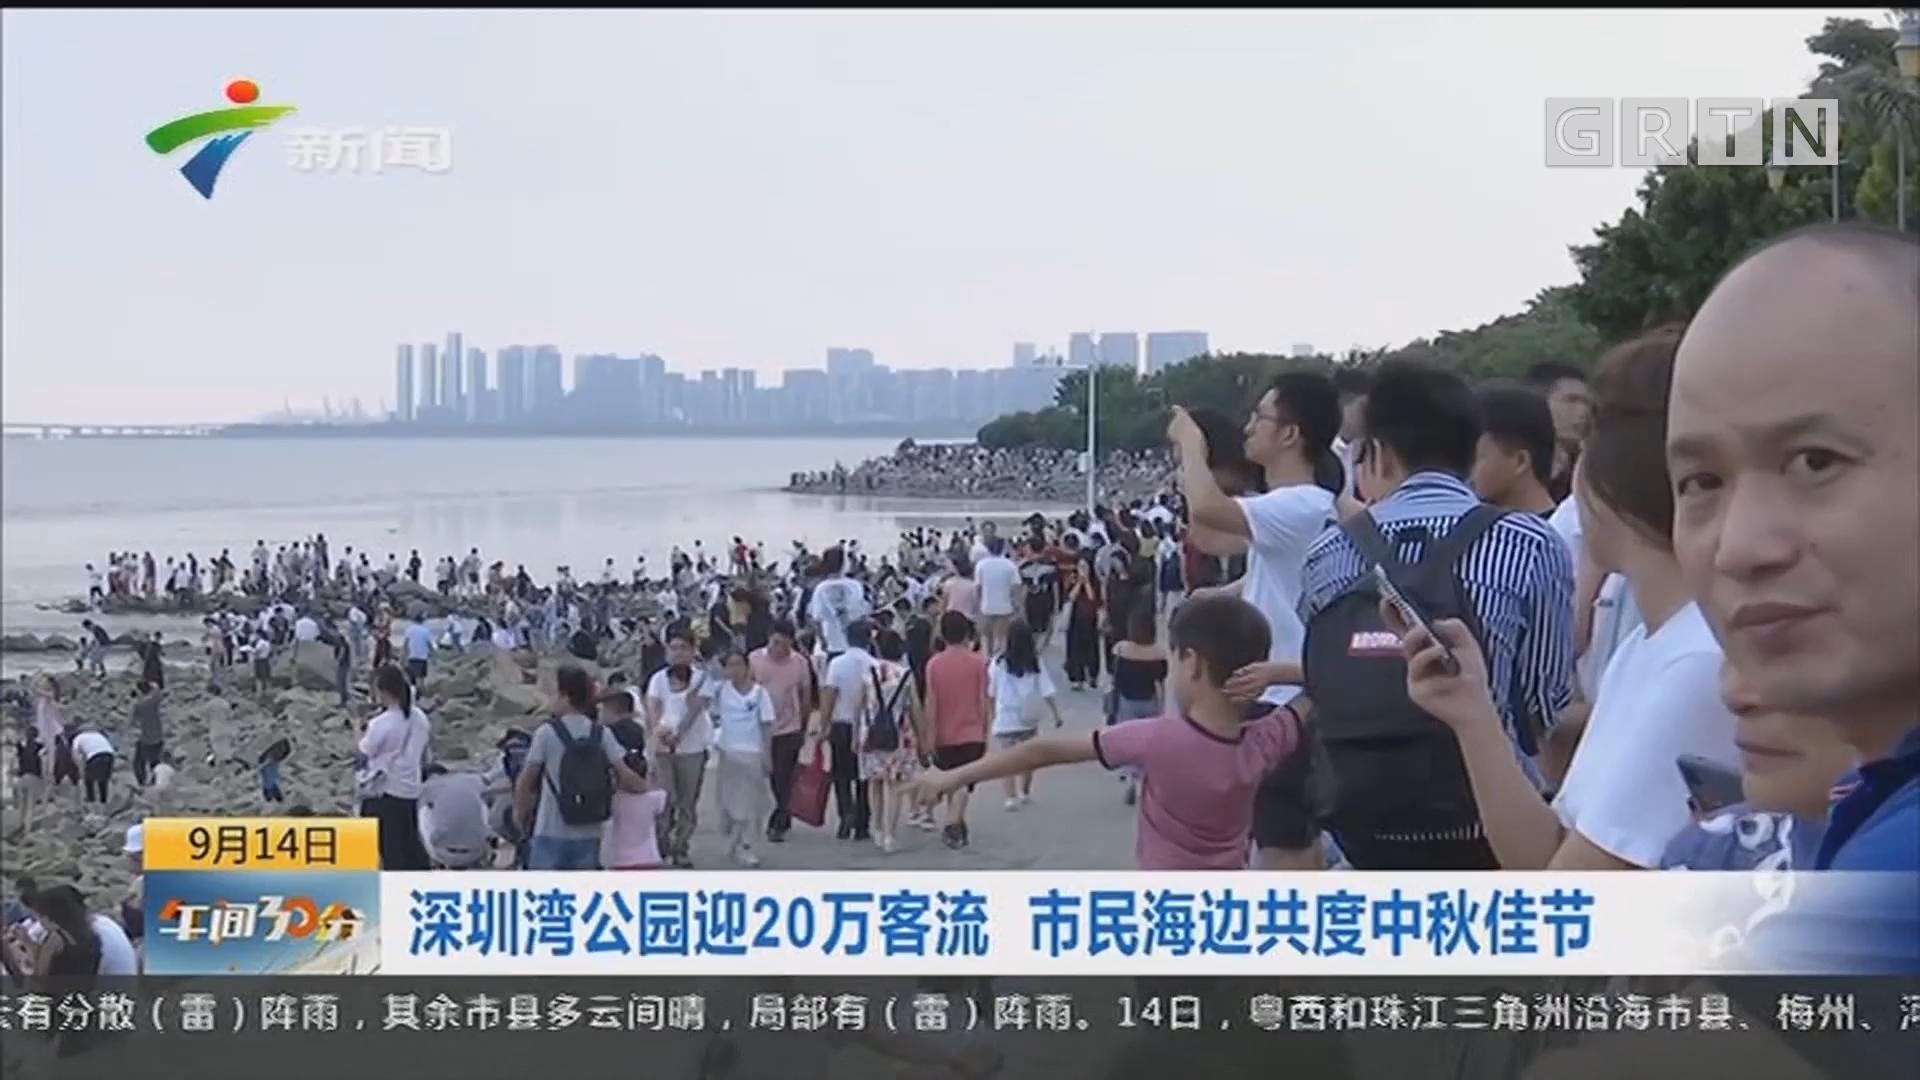 深圳湾公园迎20万客流 市民海边共度中秋佳节